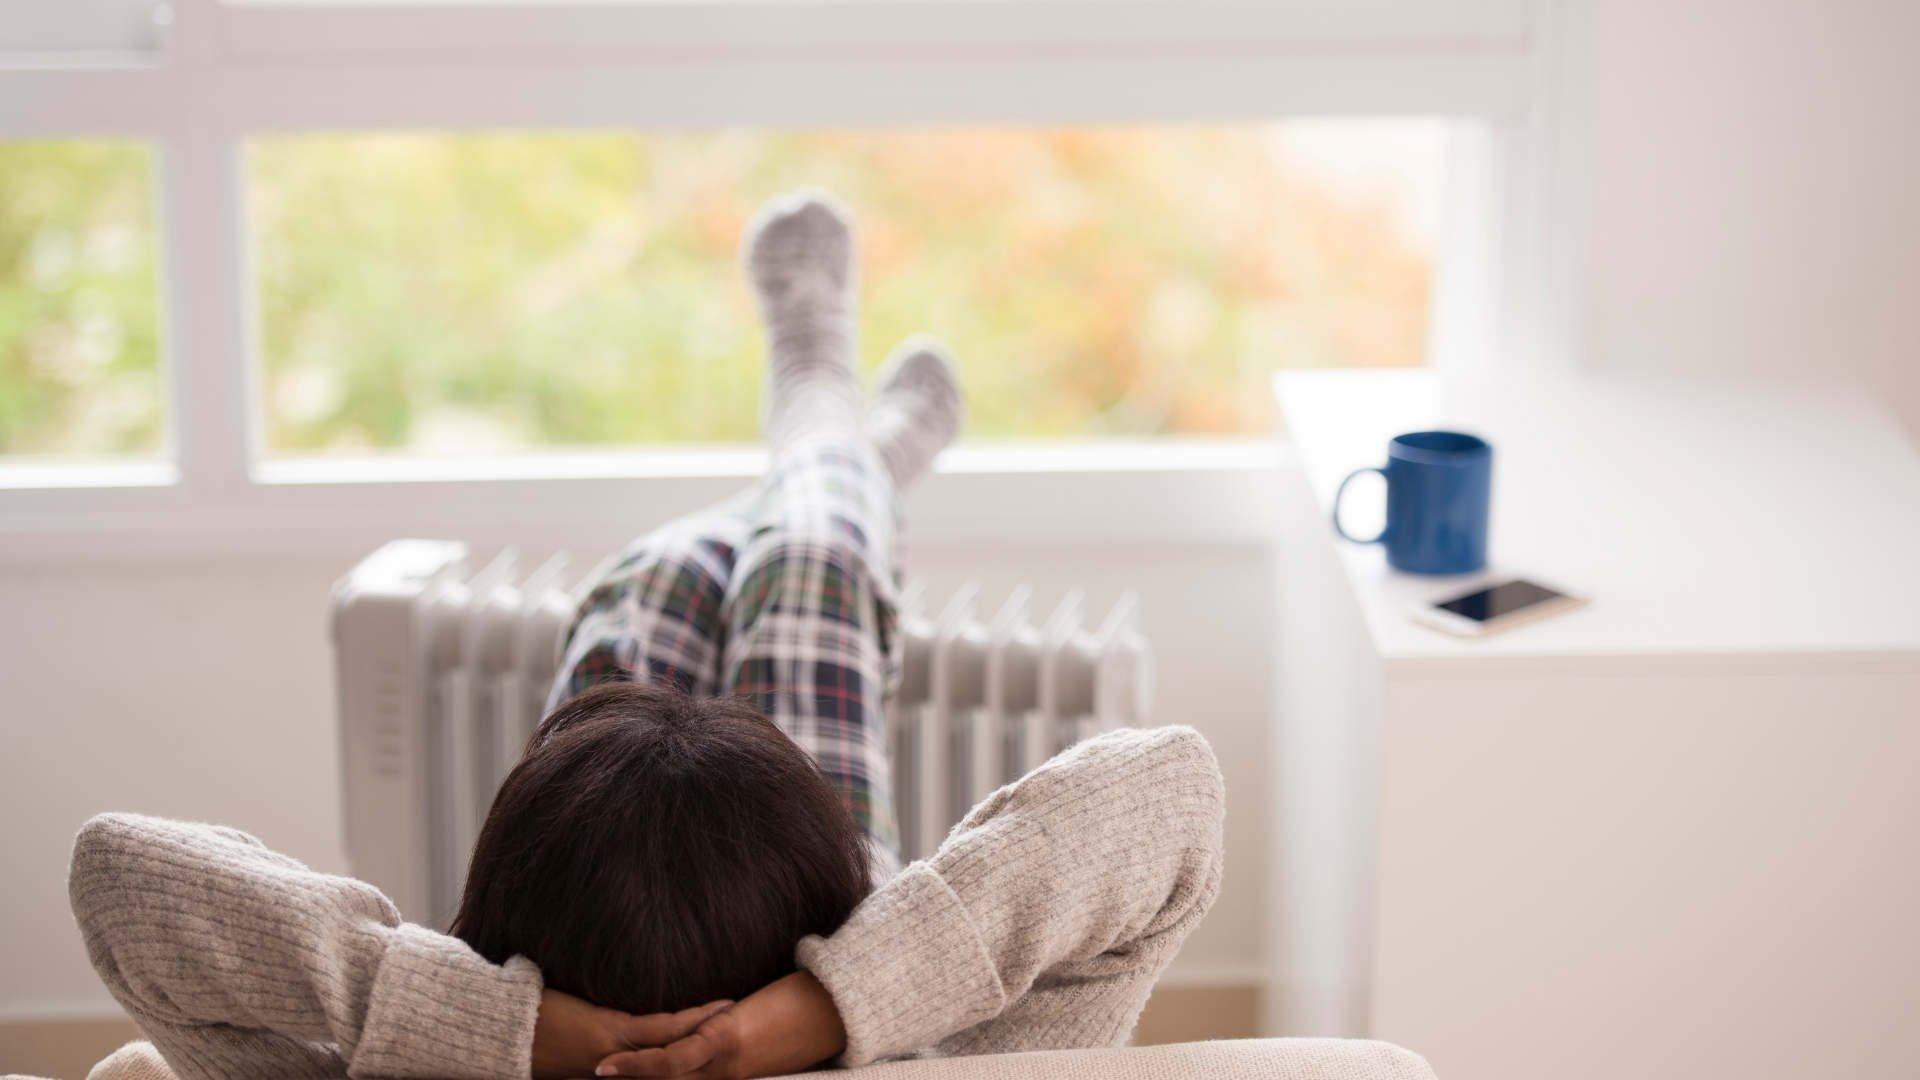 Eine schlechte Raumtemperatur kann zu Schimmelbildungen führen.